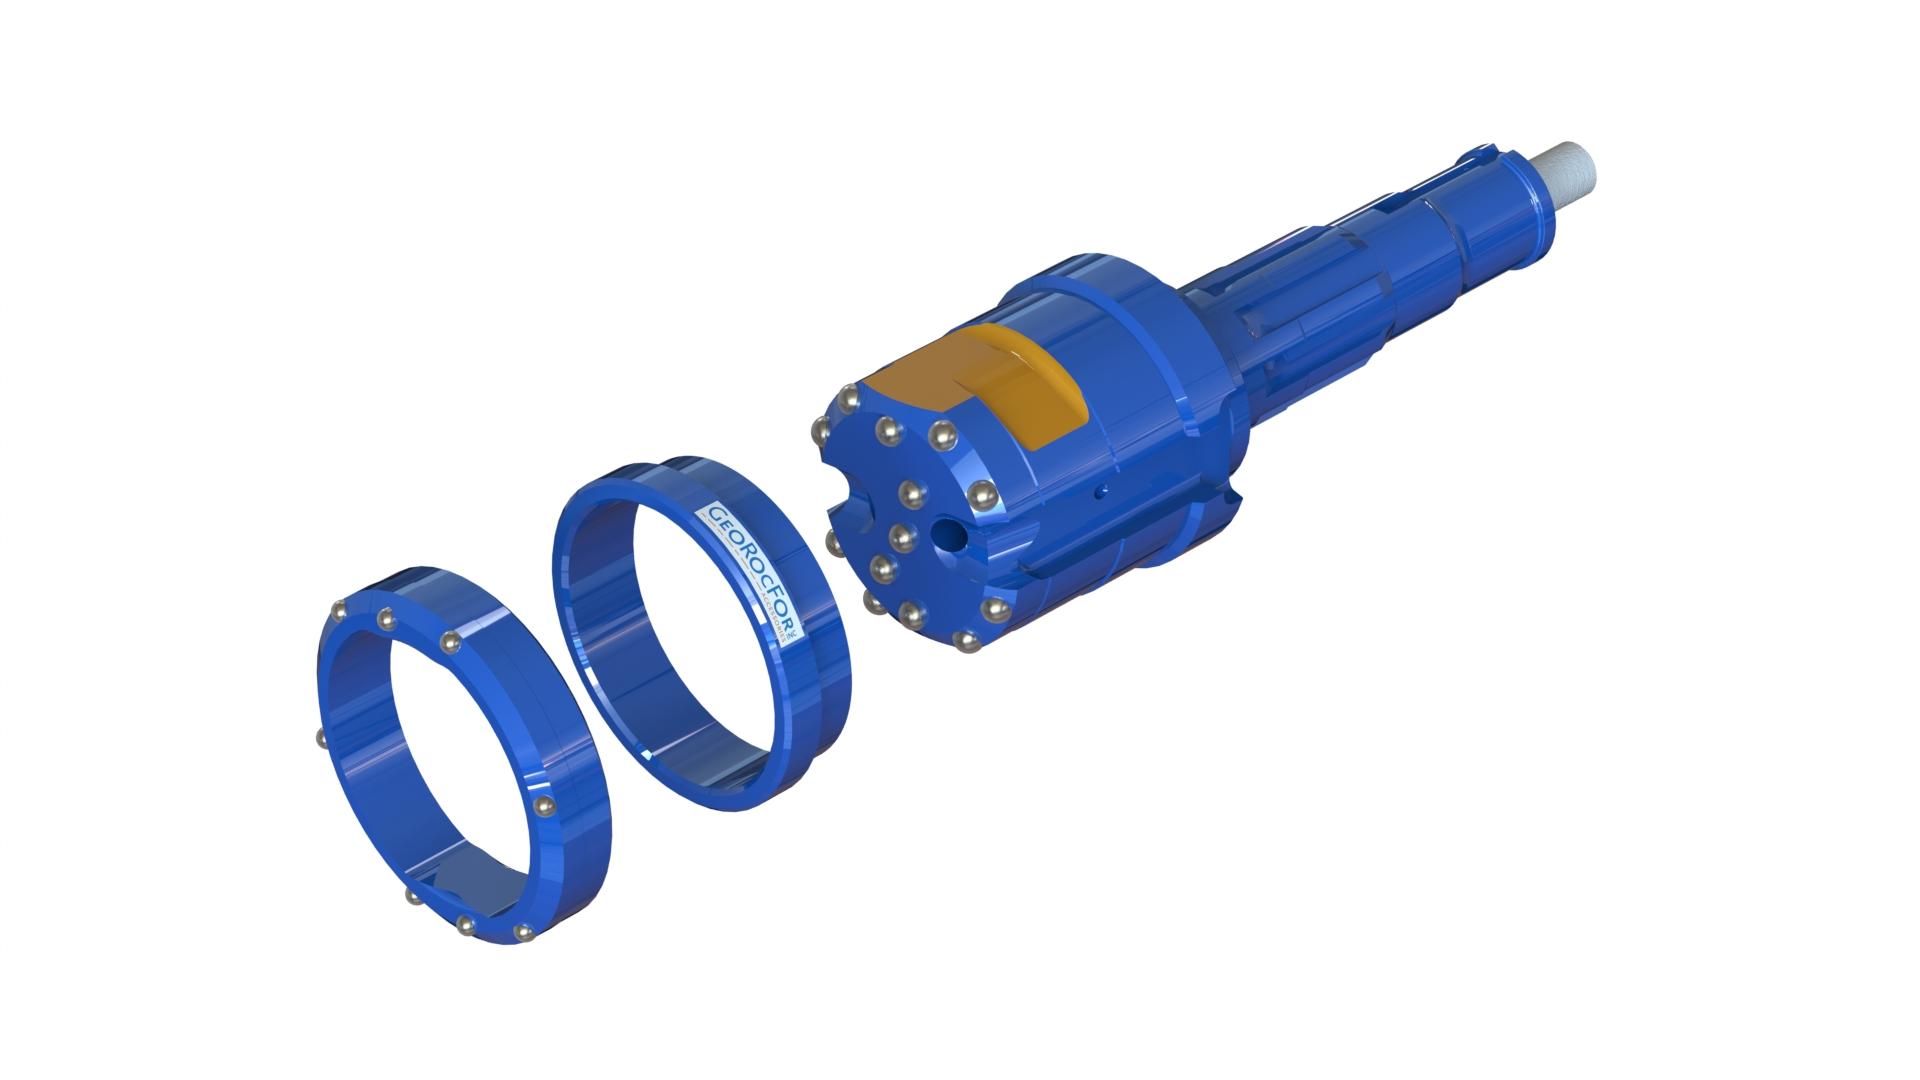 Xs F 7,000″-B / 177.8mm -B